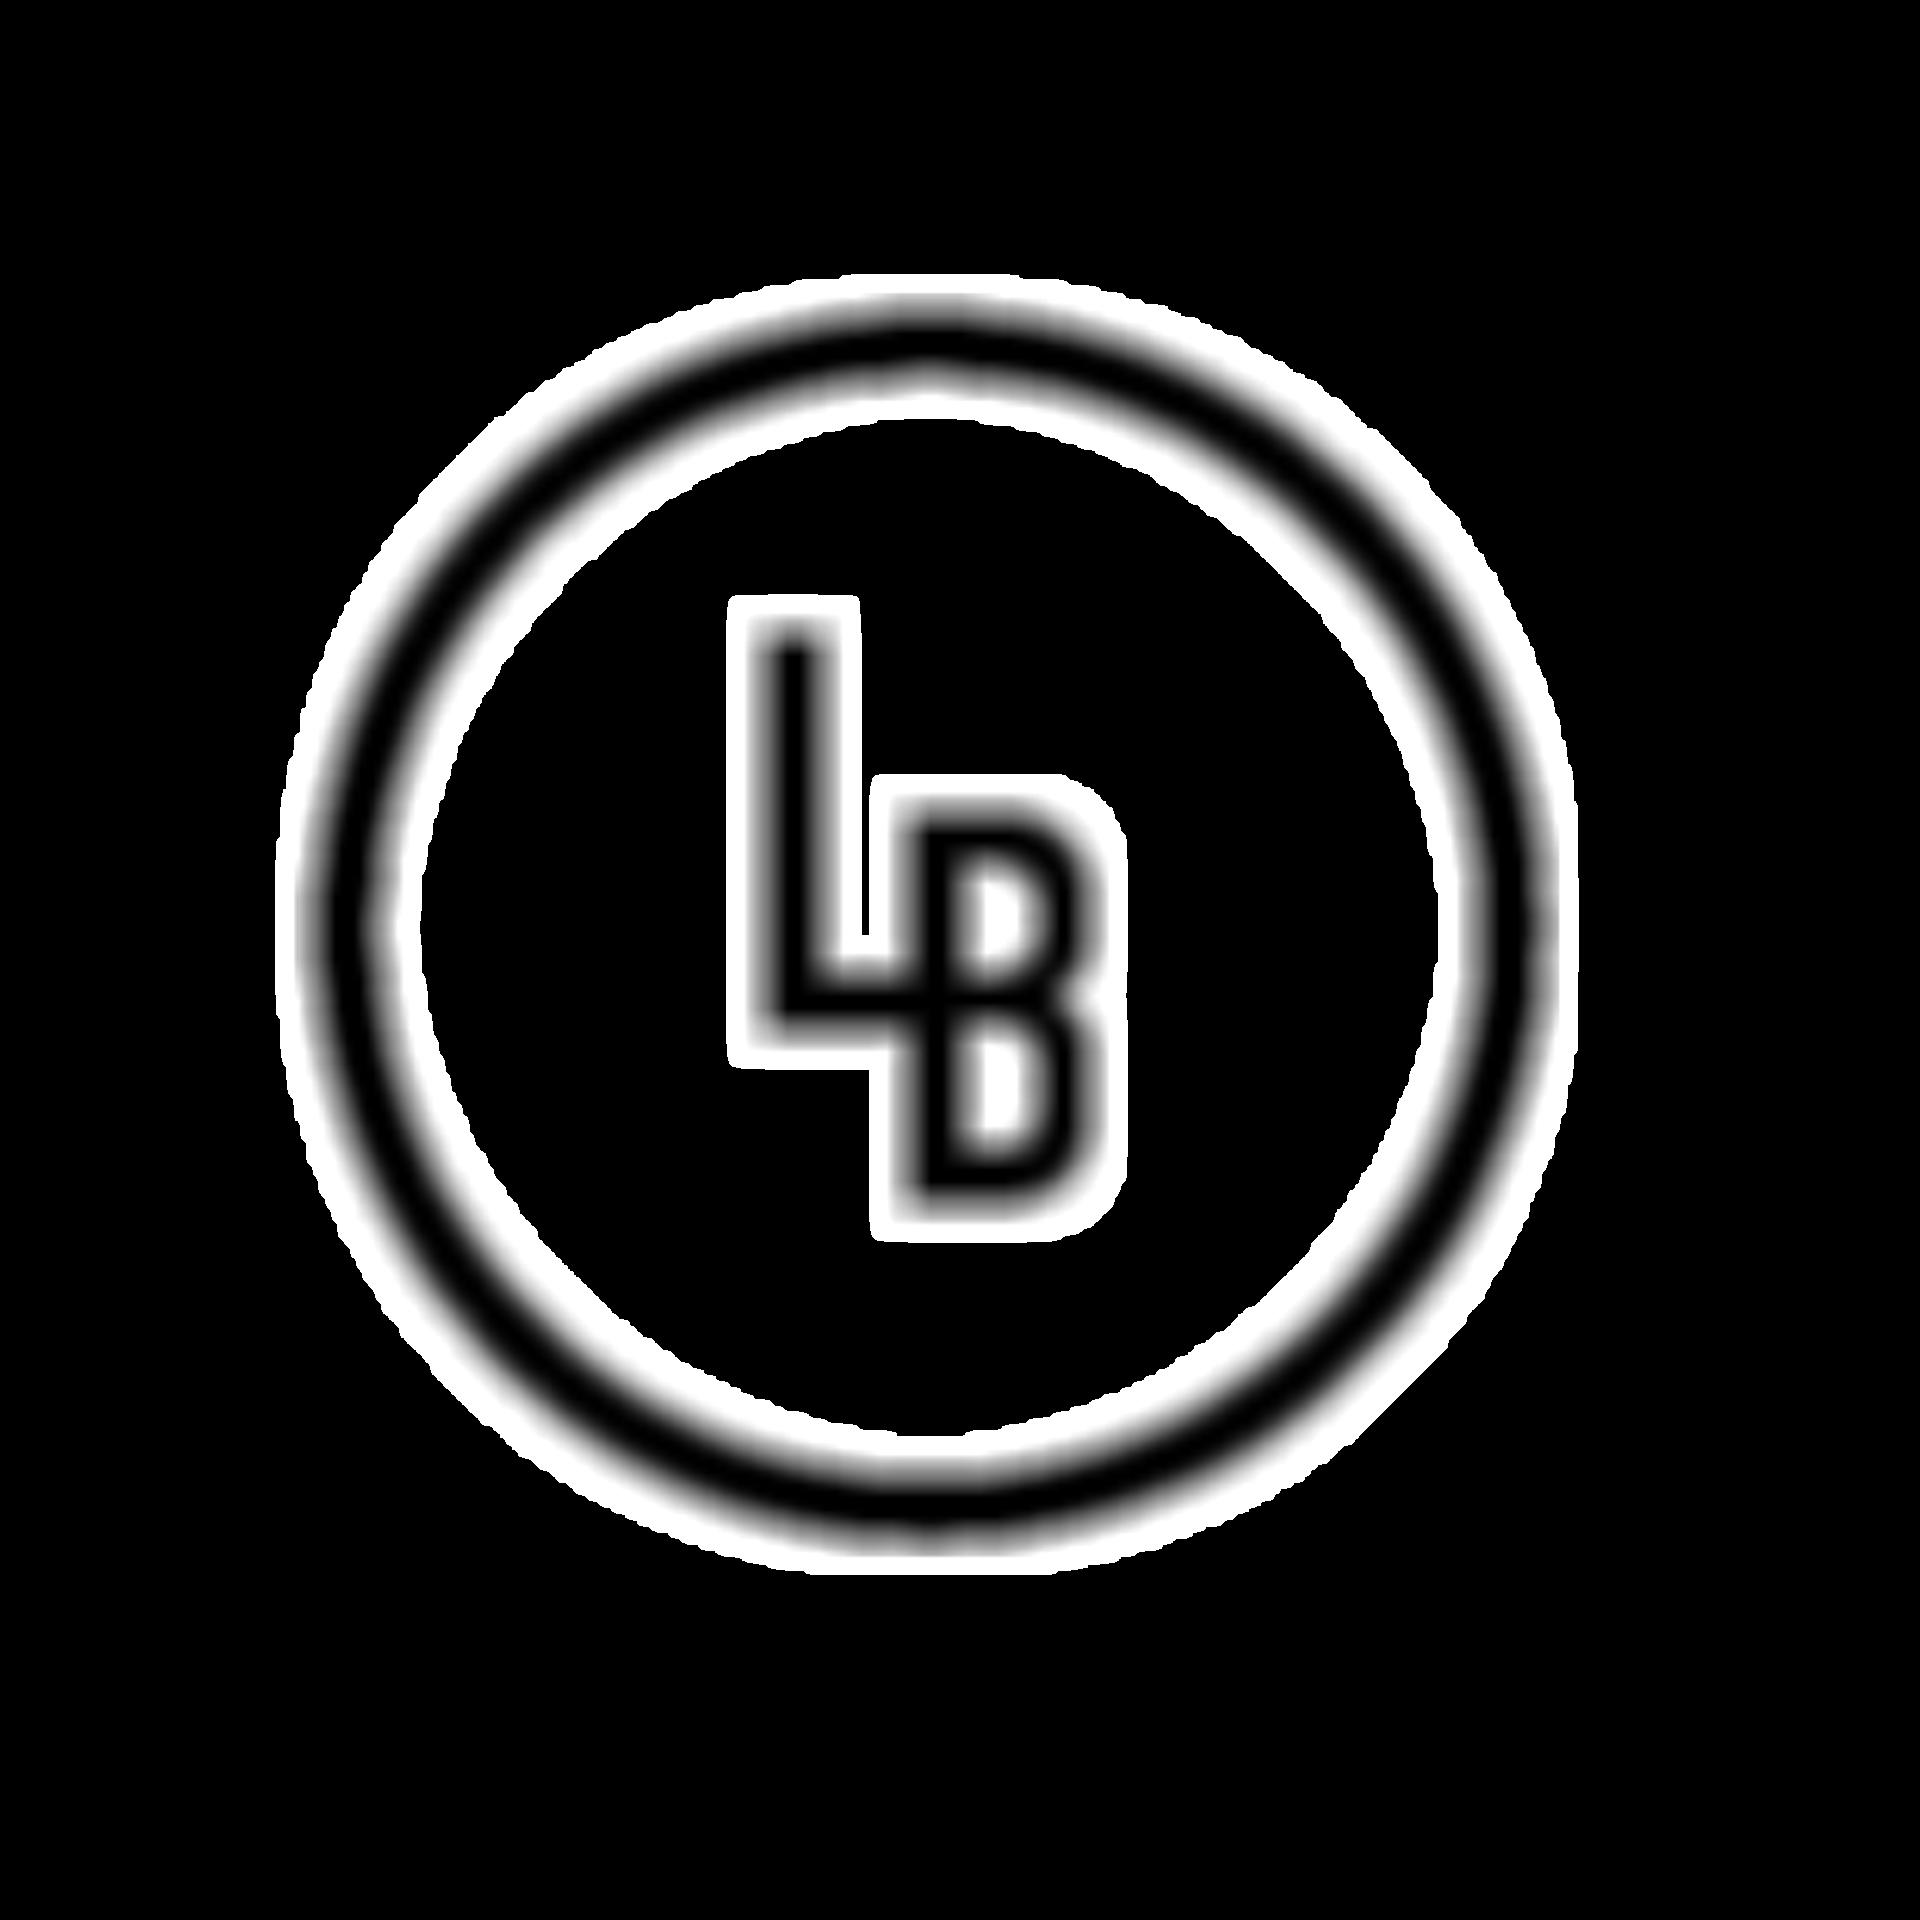 Lb logo png.